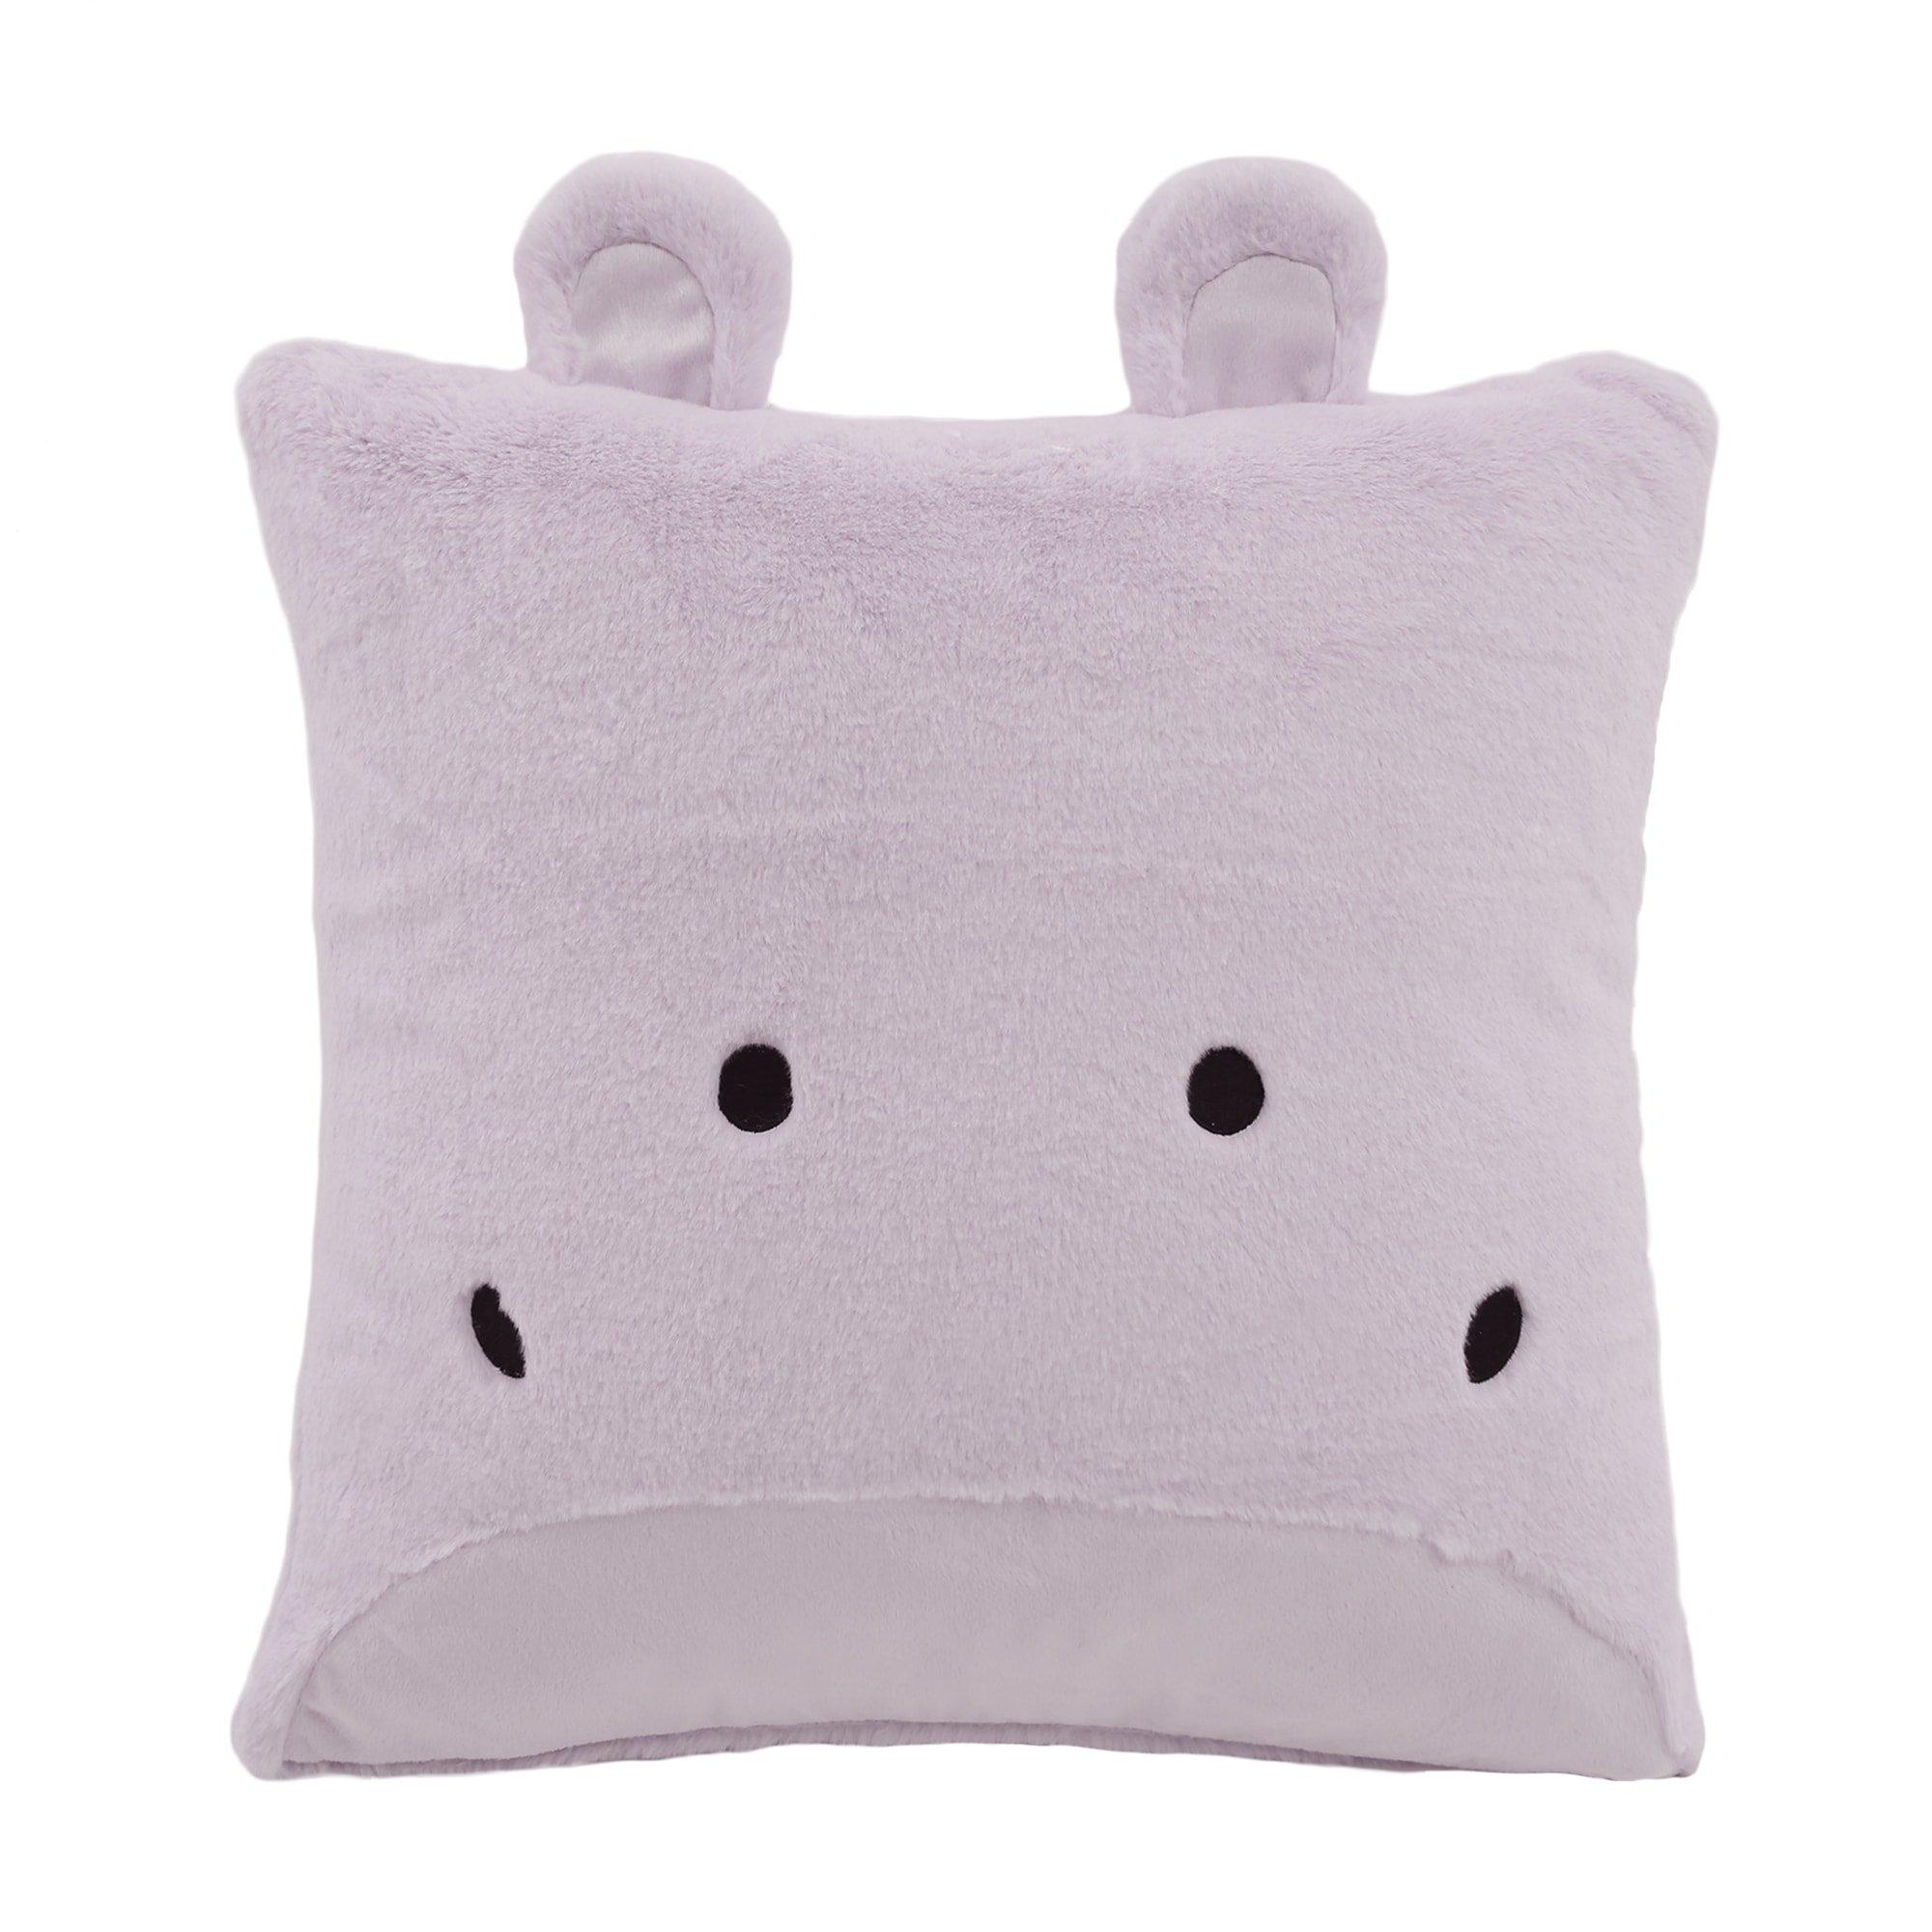 Aurora Home Animal Plush Faux Fur 18-inch Throw Pillow Lavender